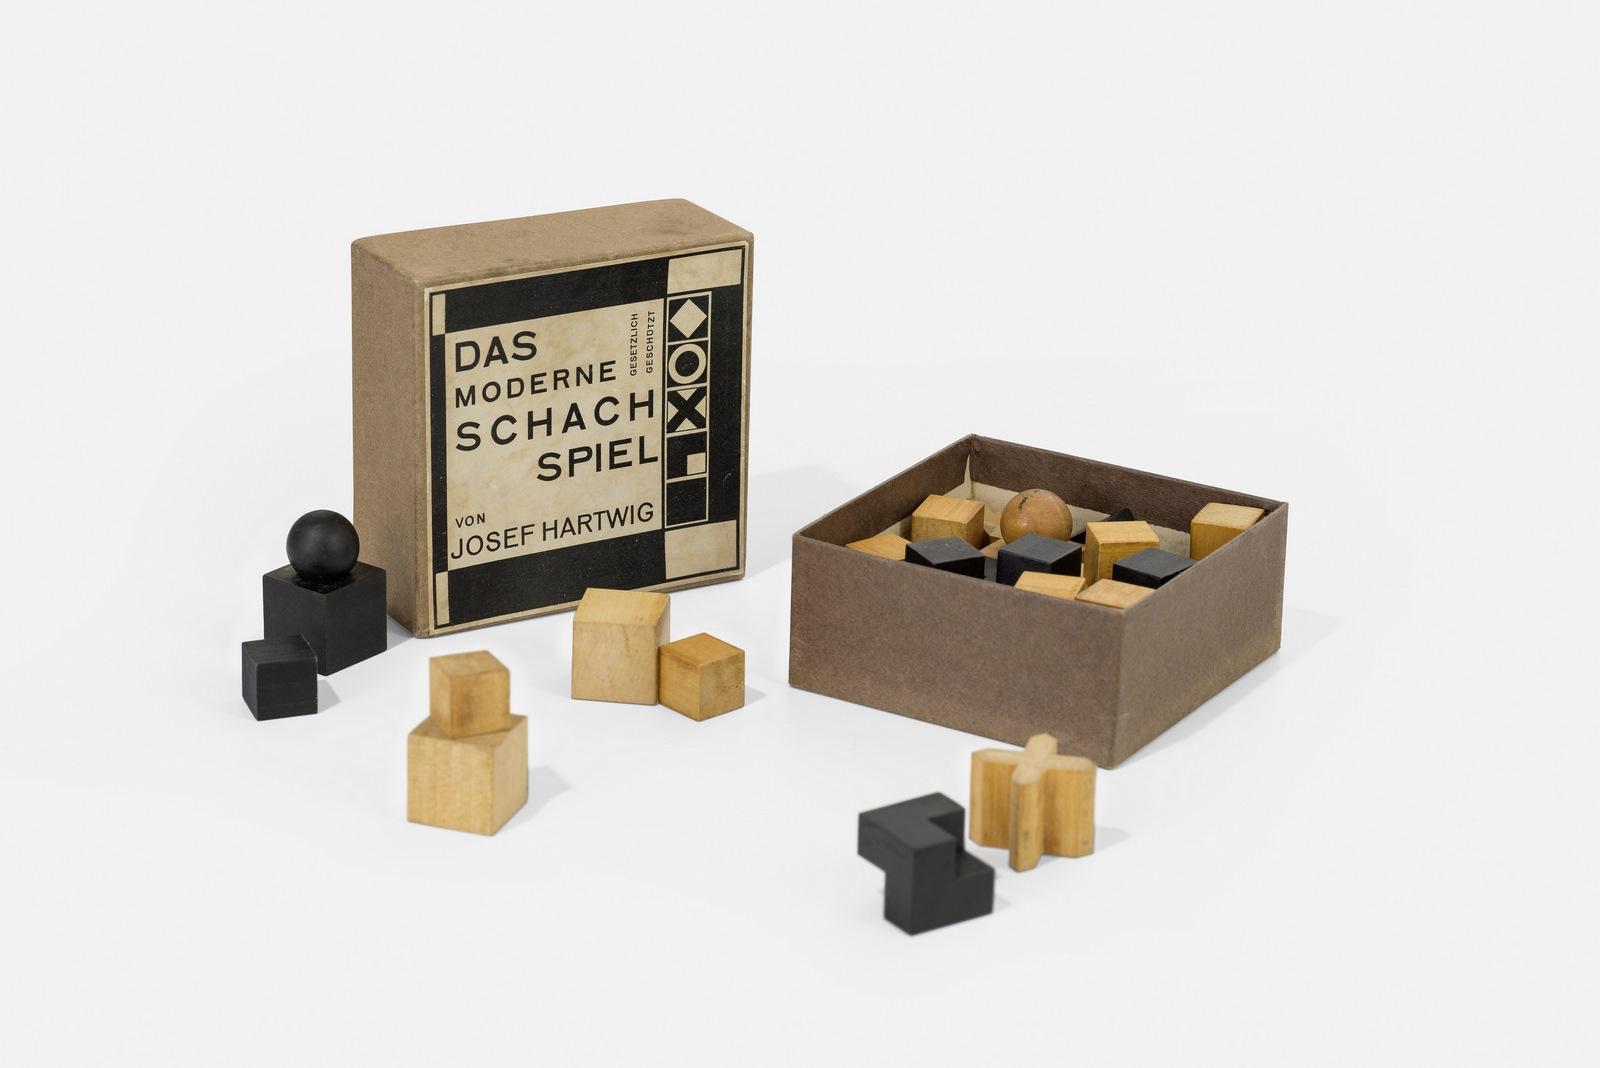 Juego de ajedrez diseñado en la Bauhaus. Josef Hartwig (diseño del juego), Joost Schmidt (diseño de packaging), 1924.  Foto: A. Körner (bildhübsche Fotografie) / Gentileza ifa